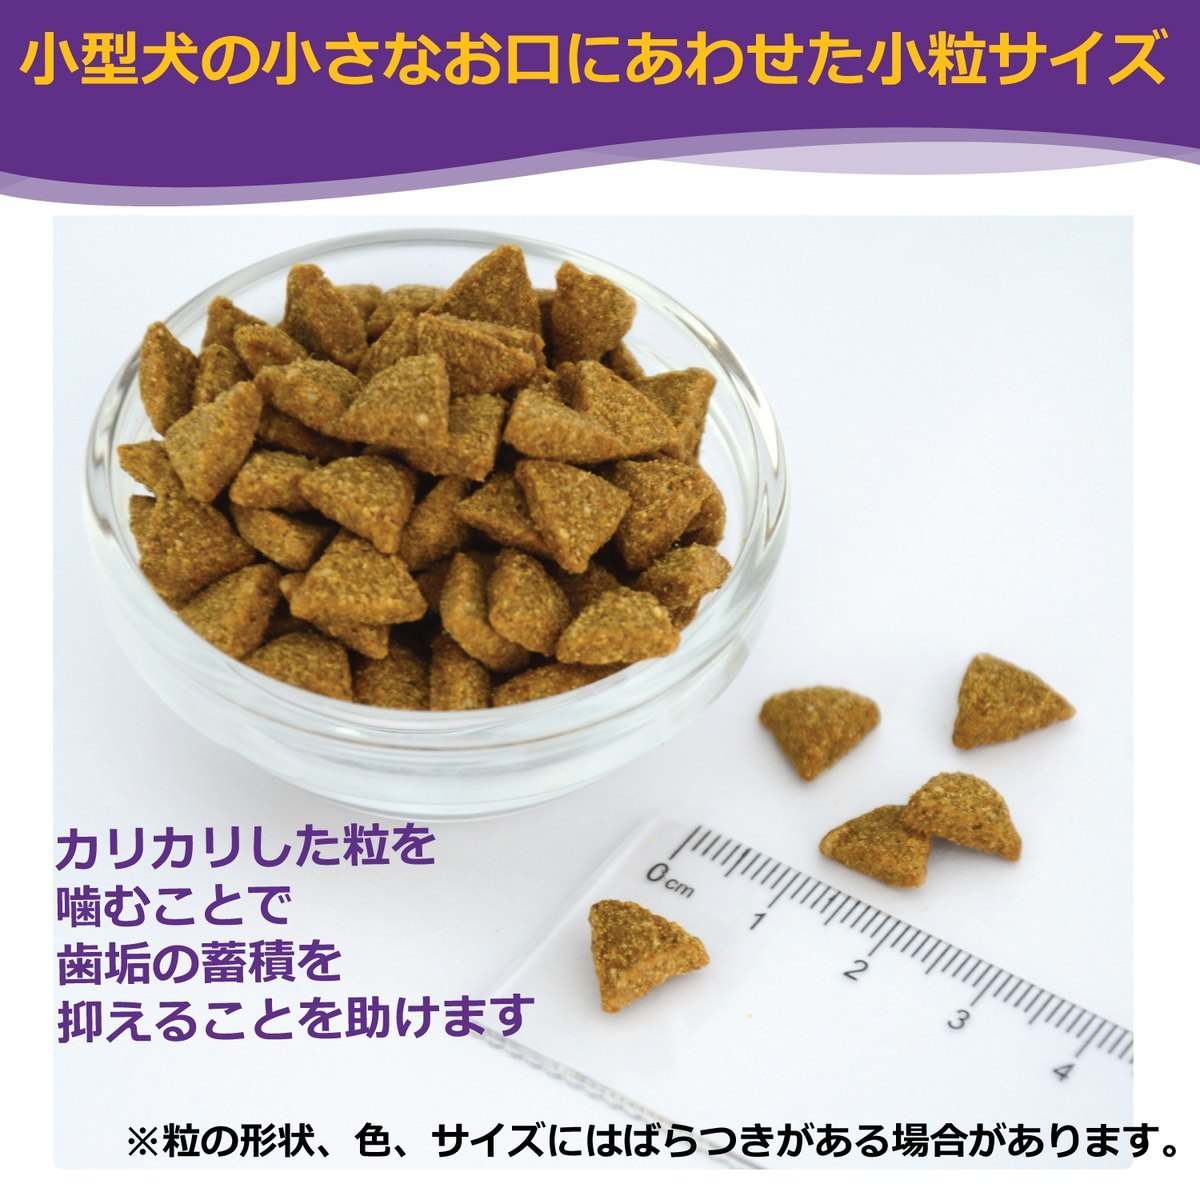 ウェルネス ドッグフード 小型犬高齢犬用(7歳以上)1.8kg 当社専売品